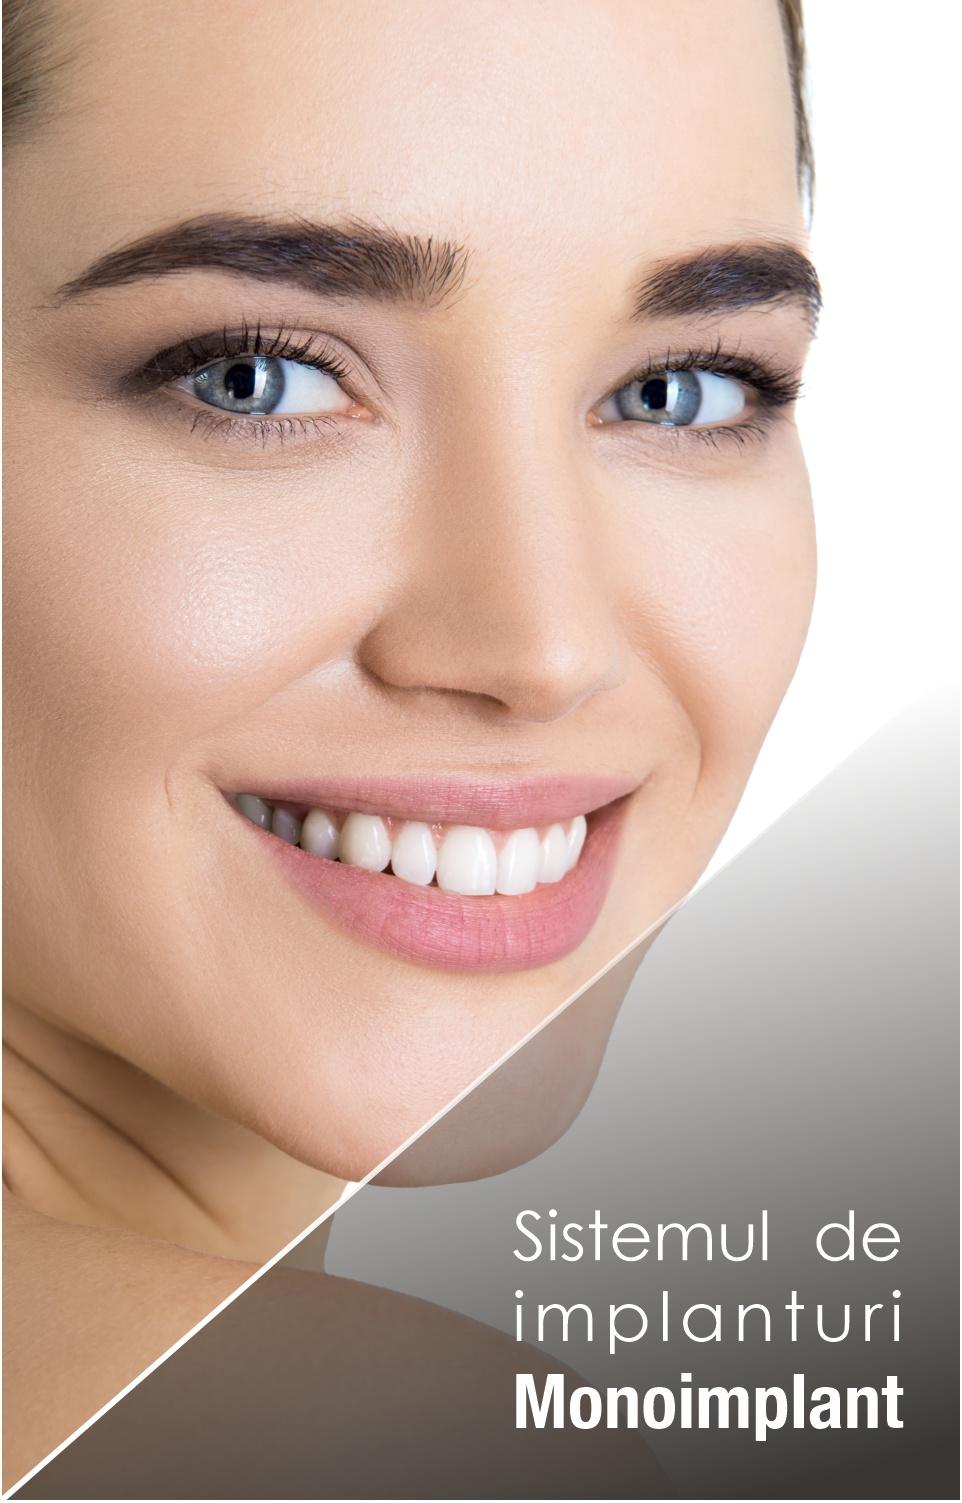 Implanturile Monoimplant: calitate premium Elveția, la un preț avantajos!